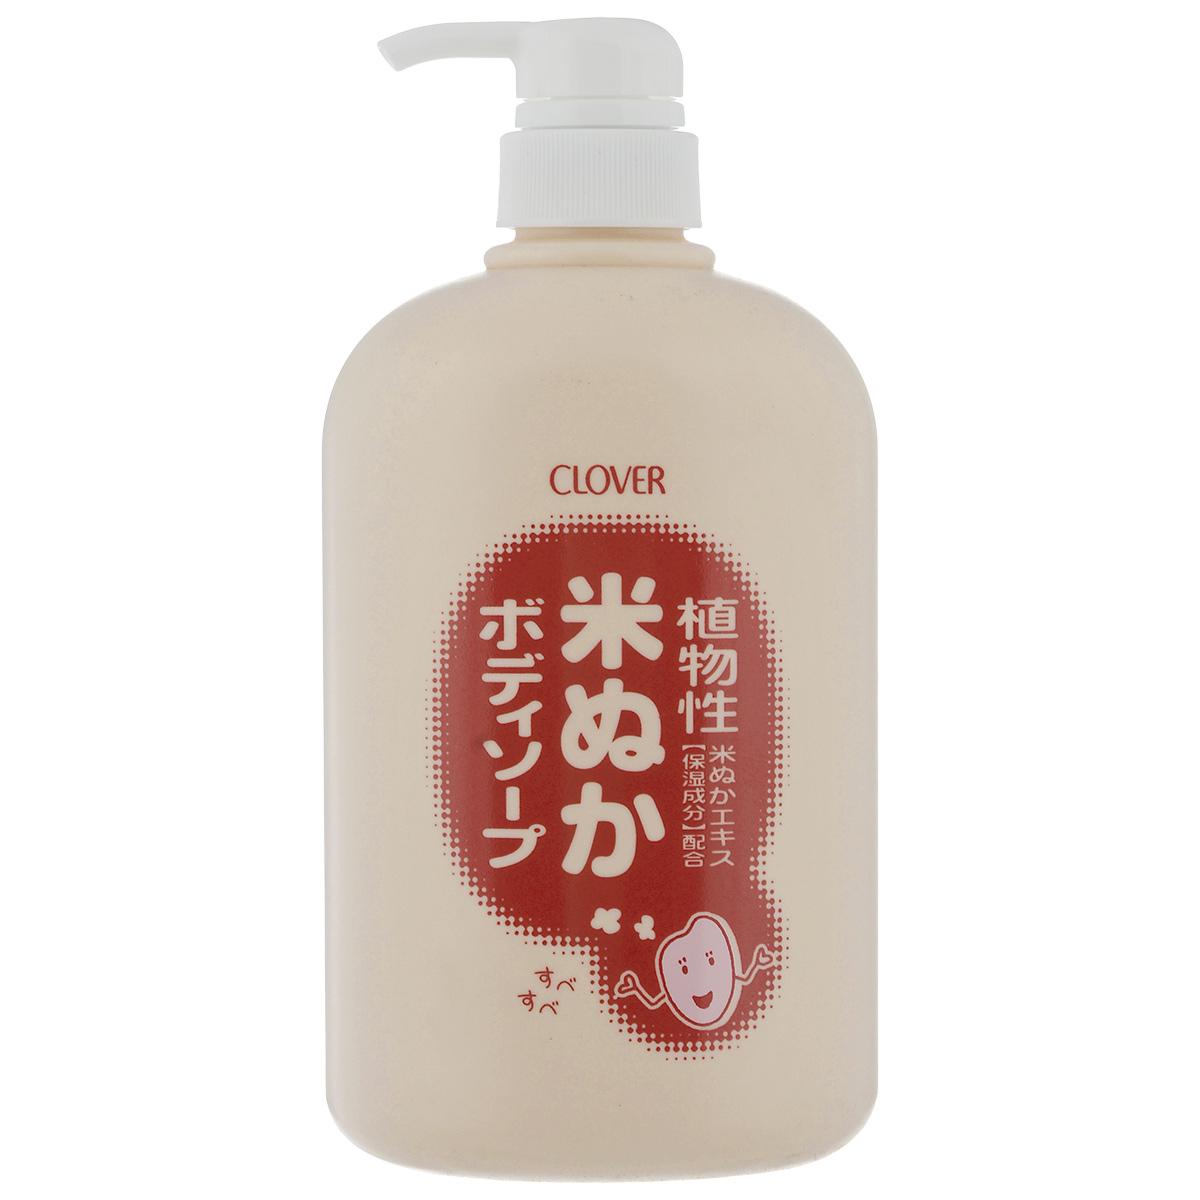 Clover Увлажняющее жидкое мыло для тела с экстрактом риса 800млMP59.4DМягкое жидкое мыло для тела невероятно нежно к коже. Идеально подойдет для чувствительной и детской кожи. Натуральные природные компоненты заботливо ухаживают за Вашей кожей. Мягко очистят поры, окажут мощное увлажняющее действие. Экстракт риса является богатейшим источником протеинов, витаминов В и антиоксидантов, которые эффективно действуют в борьбе со свободными радикалами. Интенсивно увлажняет и раглаживает кожу.